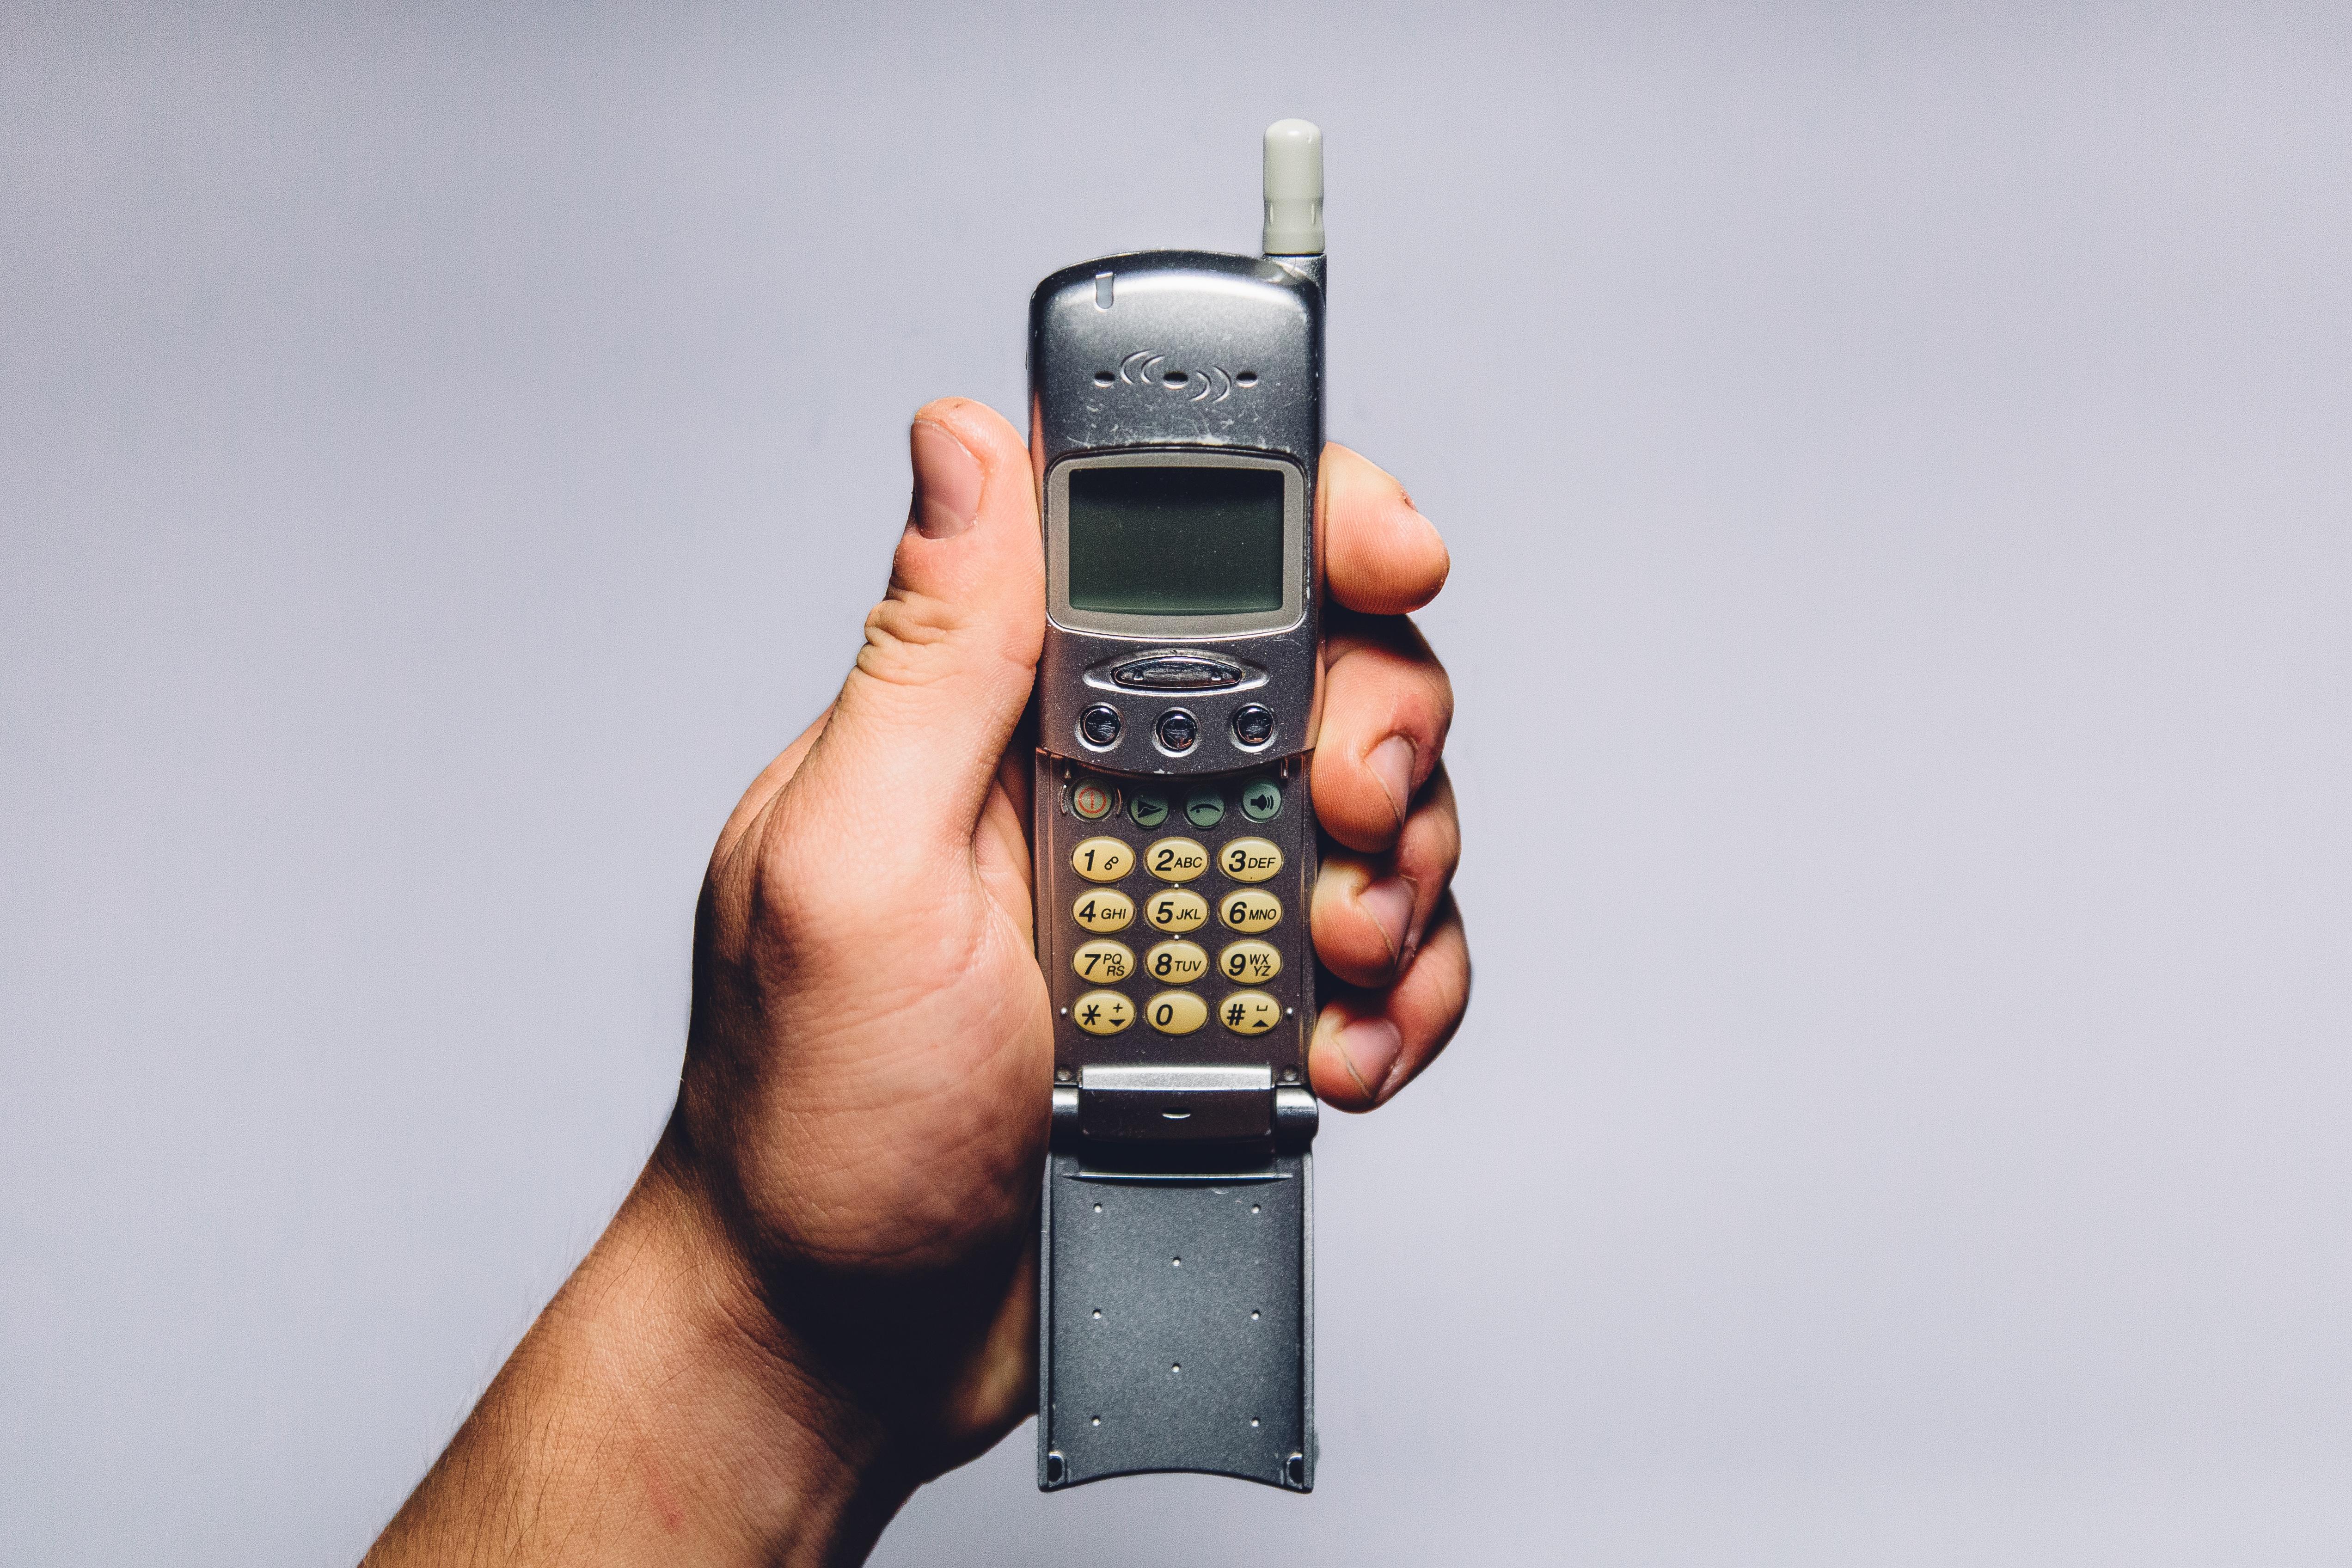 Galaxy Note 8 : dernières fuites avant la présentation officielle